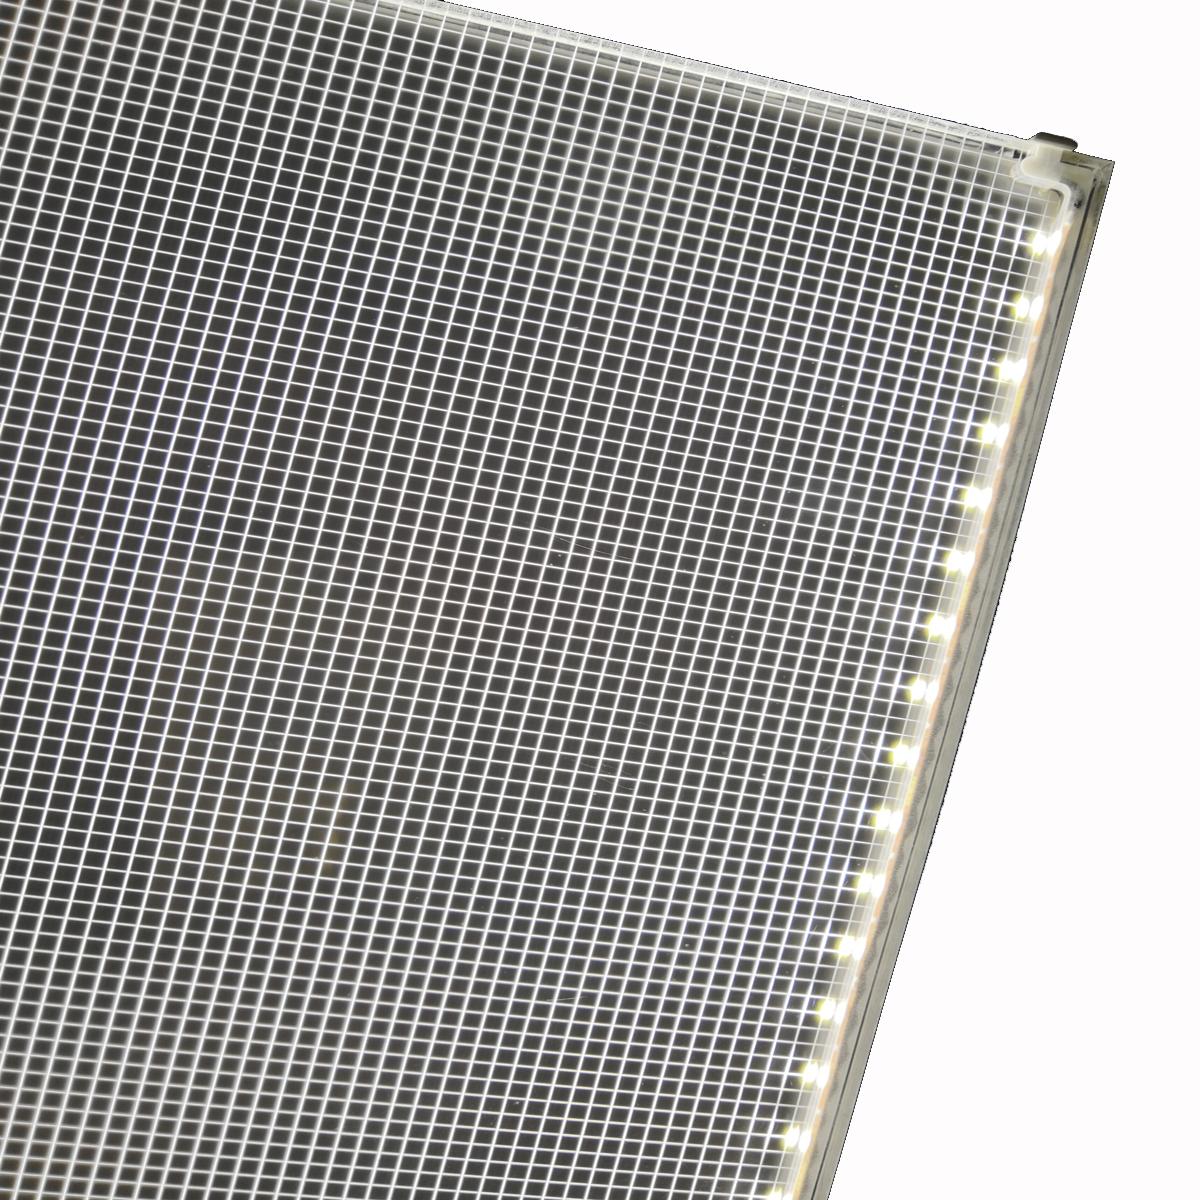 Unionleds led panel light 12W 24W 36W 50W with size 300x300,600x300,600x600,1200x300,1200x600